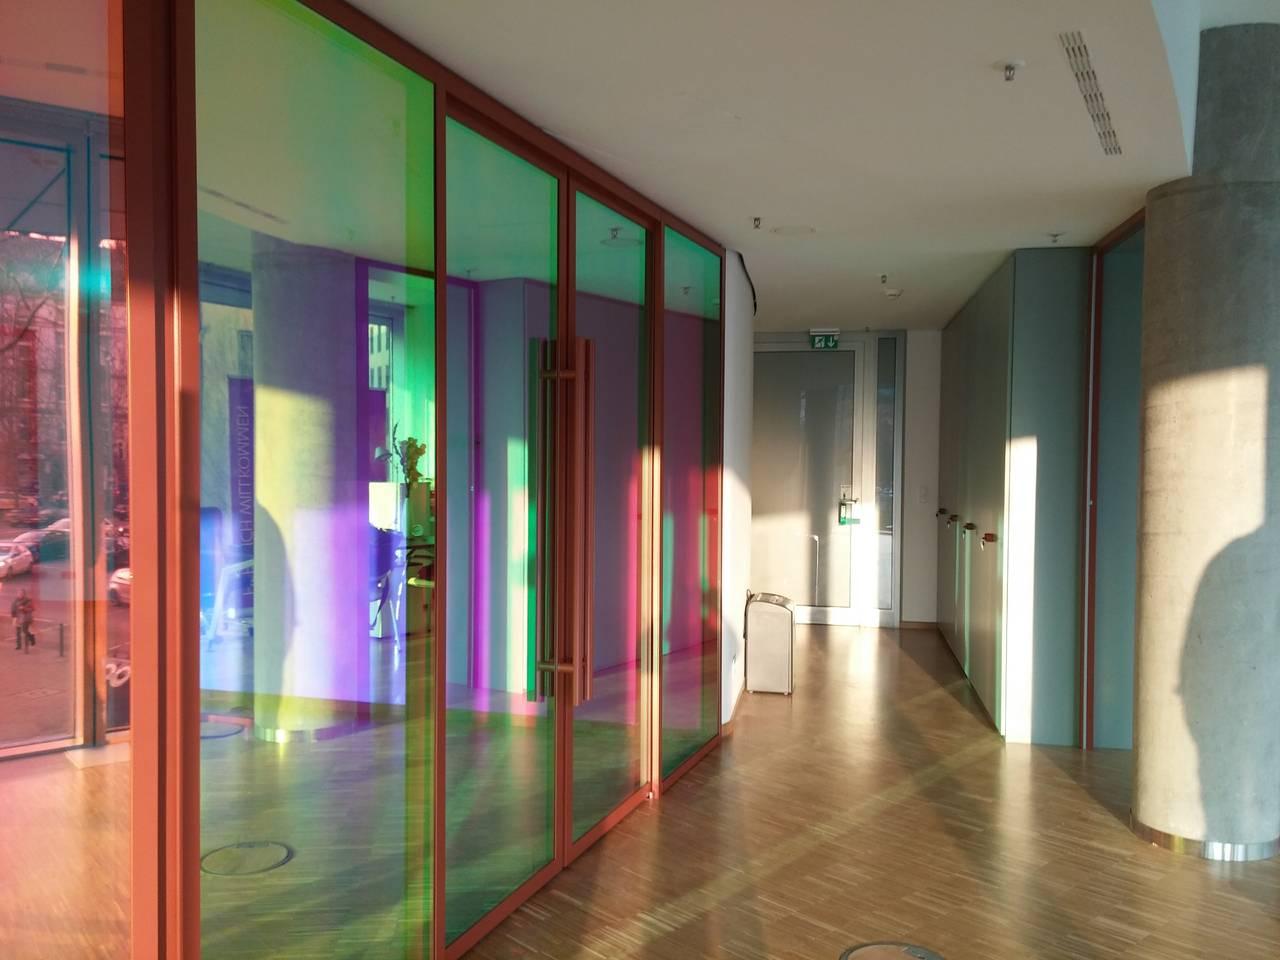 Il nuovo spazio Haworth_Cappellini di Francoforte